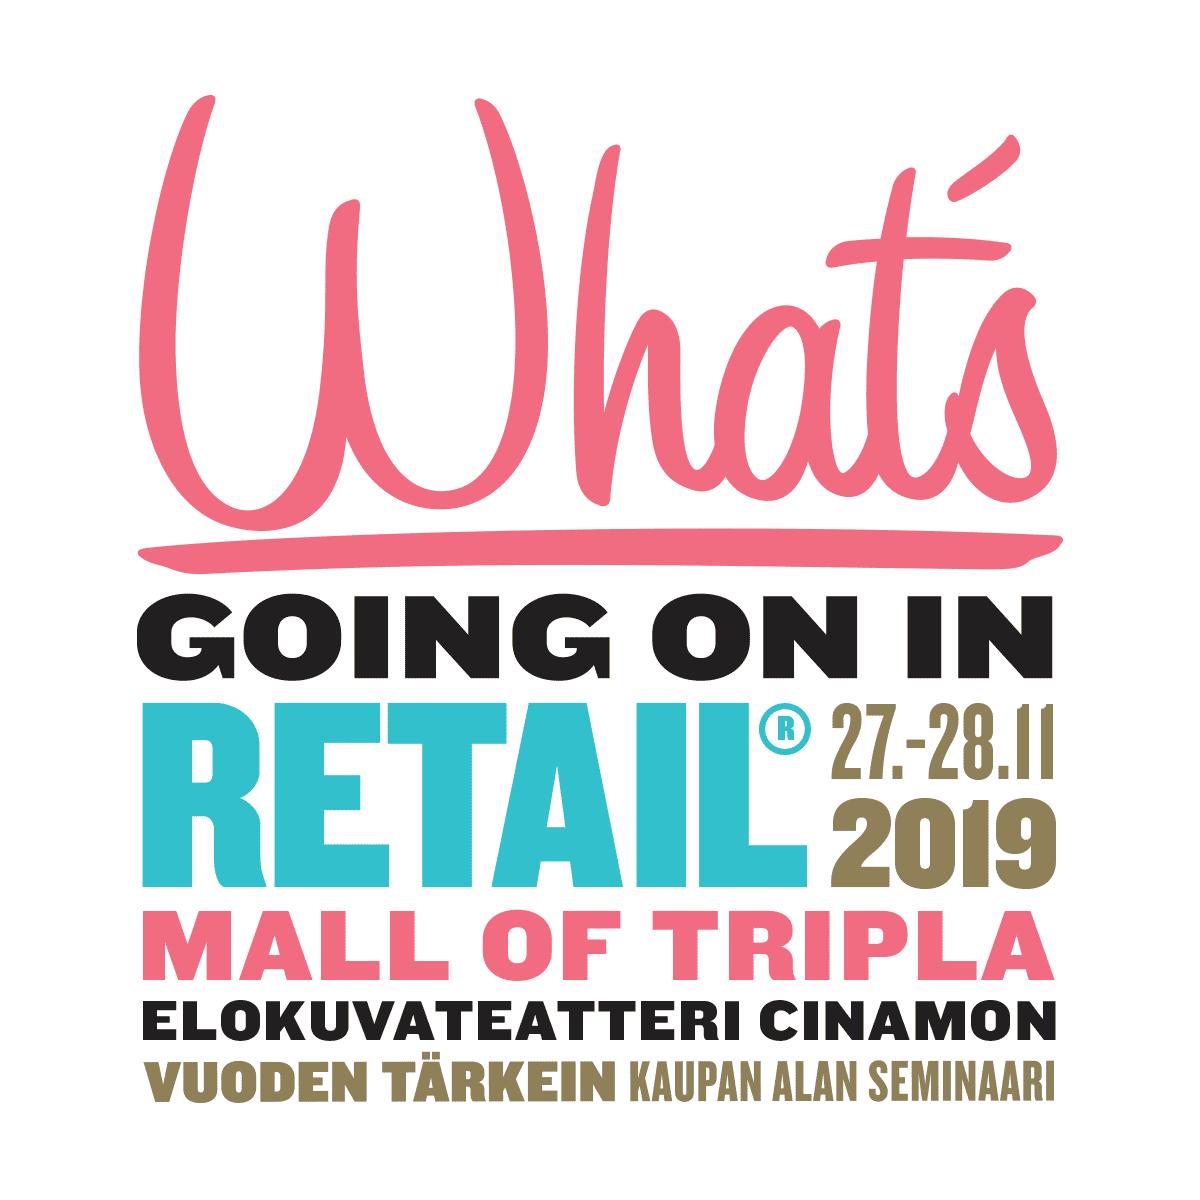 What's going on in retail 27.-28.11.2019 Mall of Tripla, elokuvateatteri Cinamon, Vuoden tärkein kaupan alan seminaari